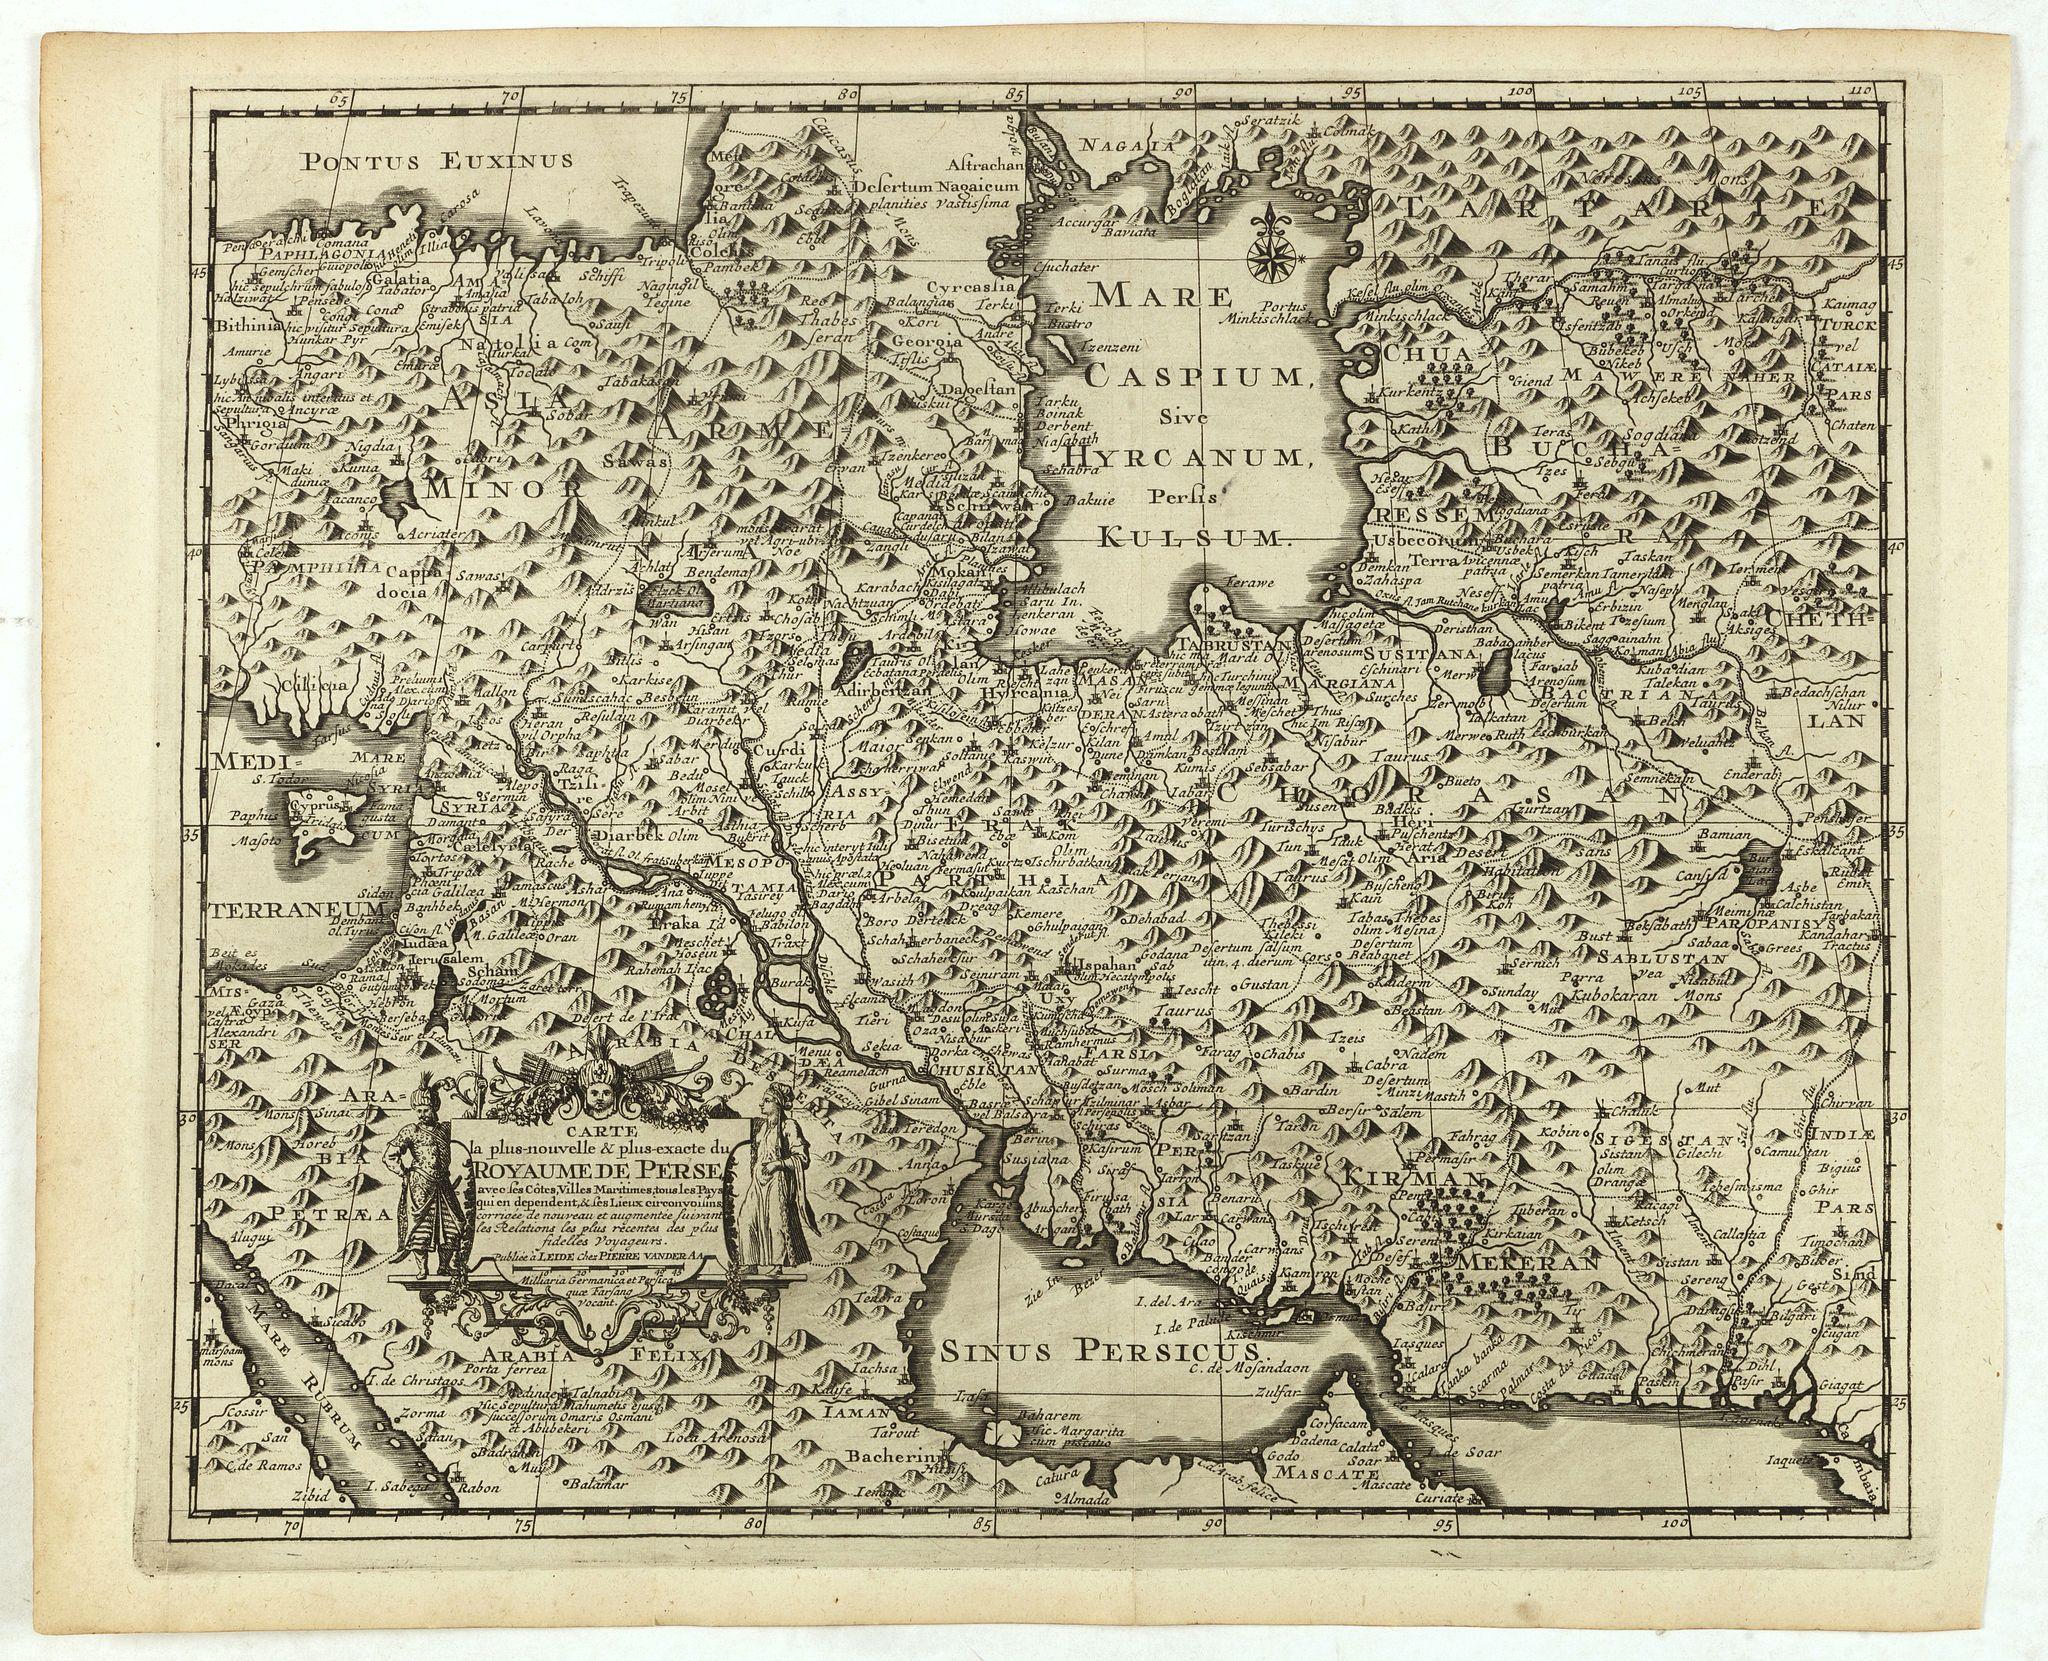 VAN DER AA, P. -  Carte la plus-nouvelle & plus-exacte du royaume de Perse avec ses côtes, villes maritimes, tous les pays qui en dependent, & ses lieux circonvoisins. . .